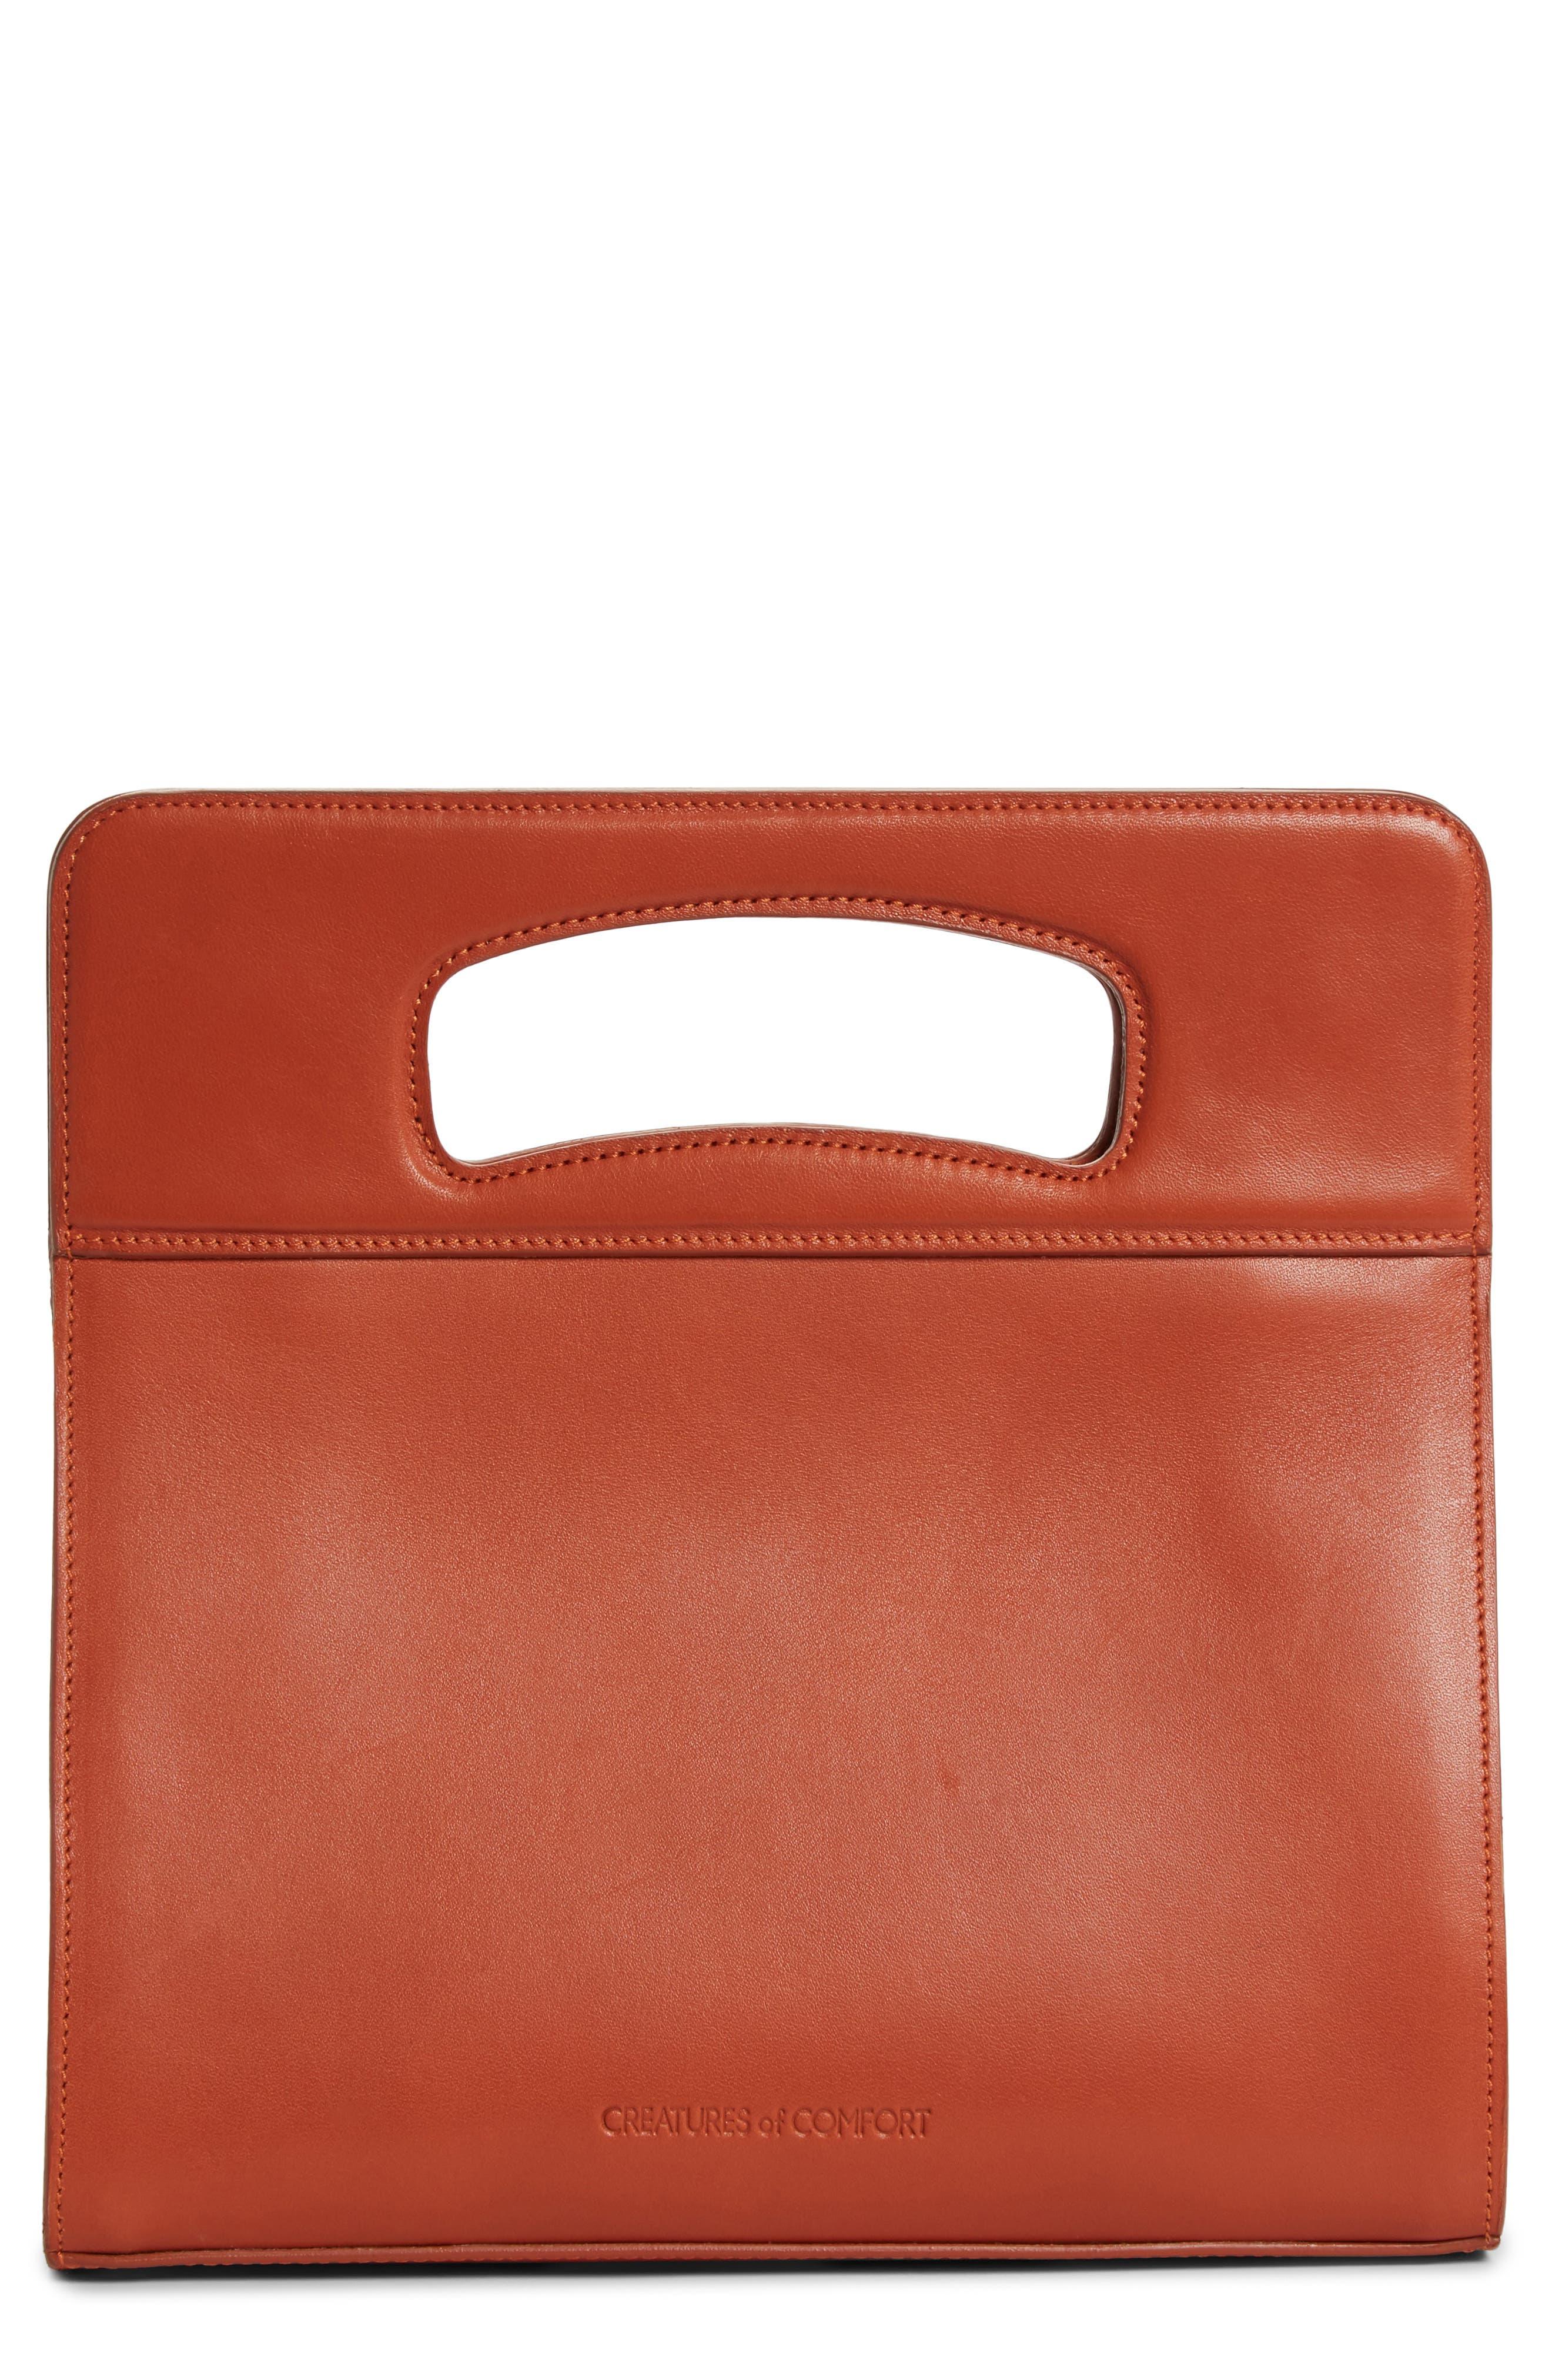 Gilda Crossbody Bag,                         Main,                         color, Clove